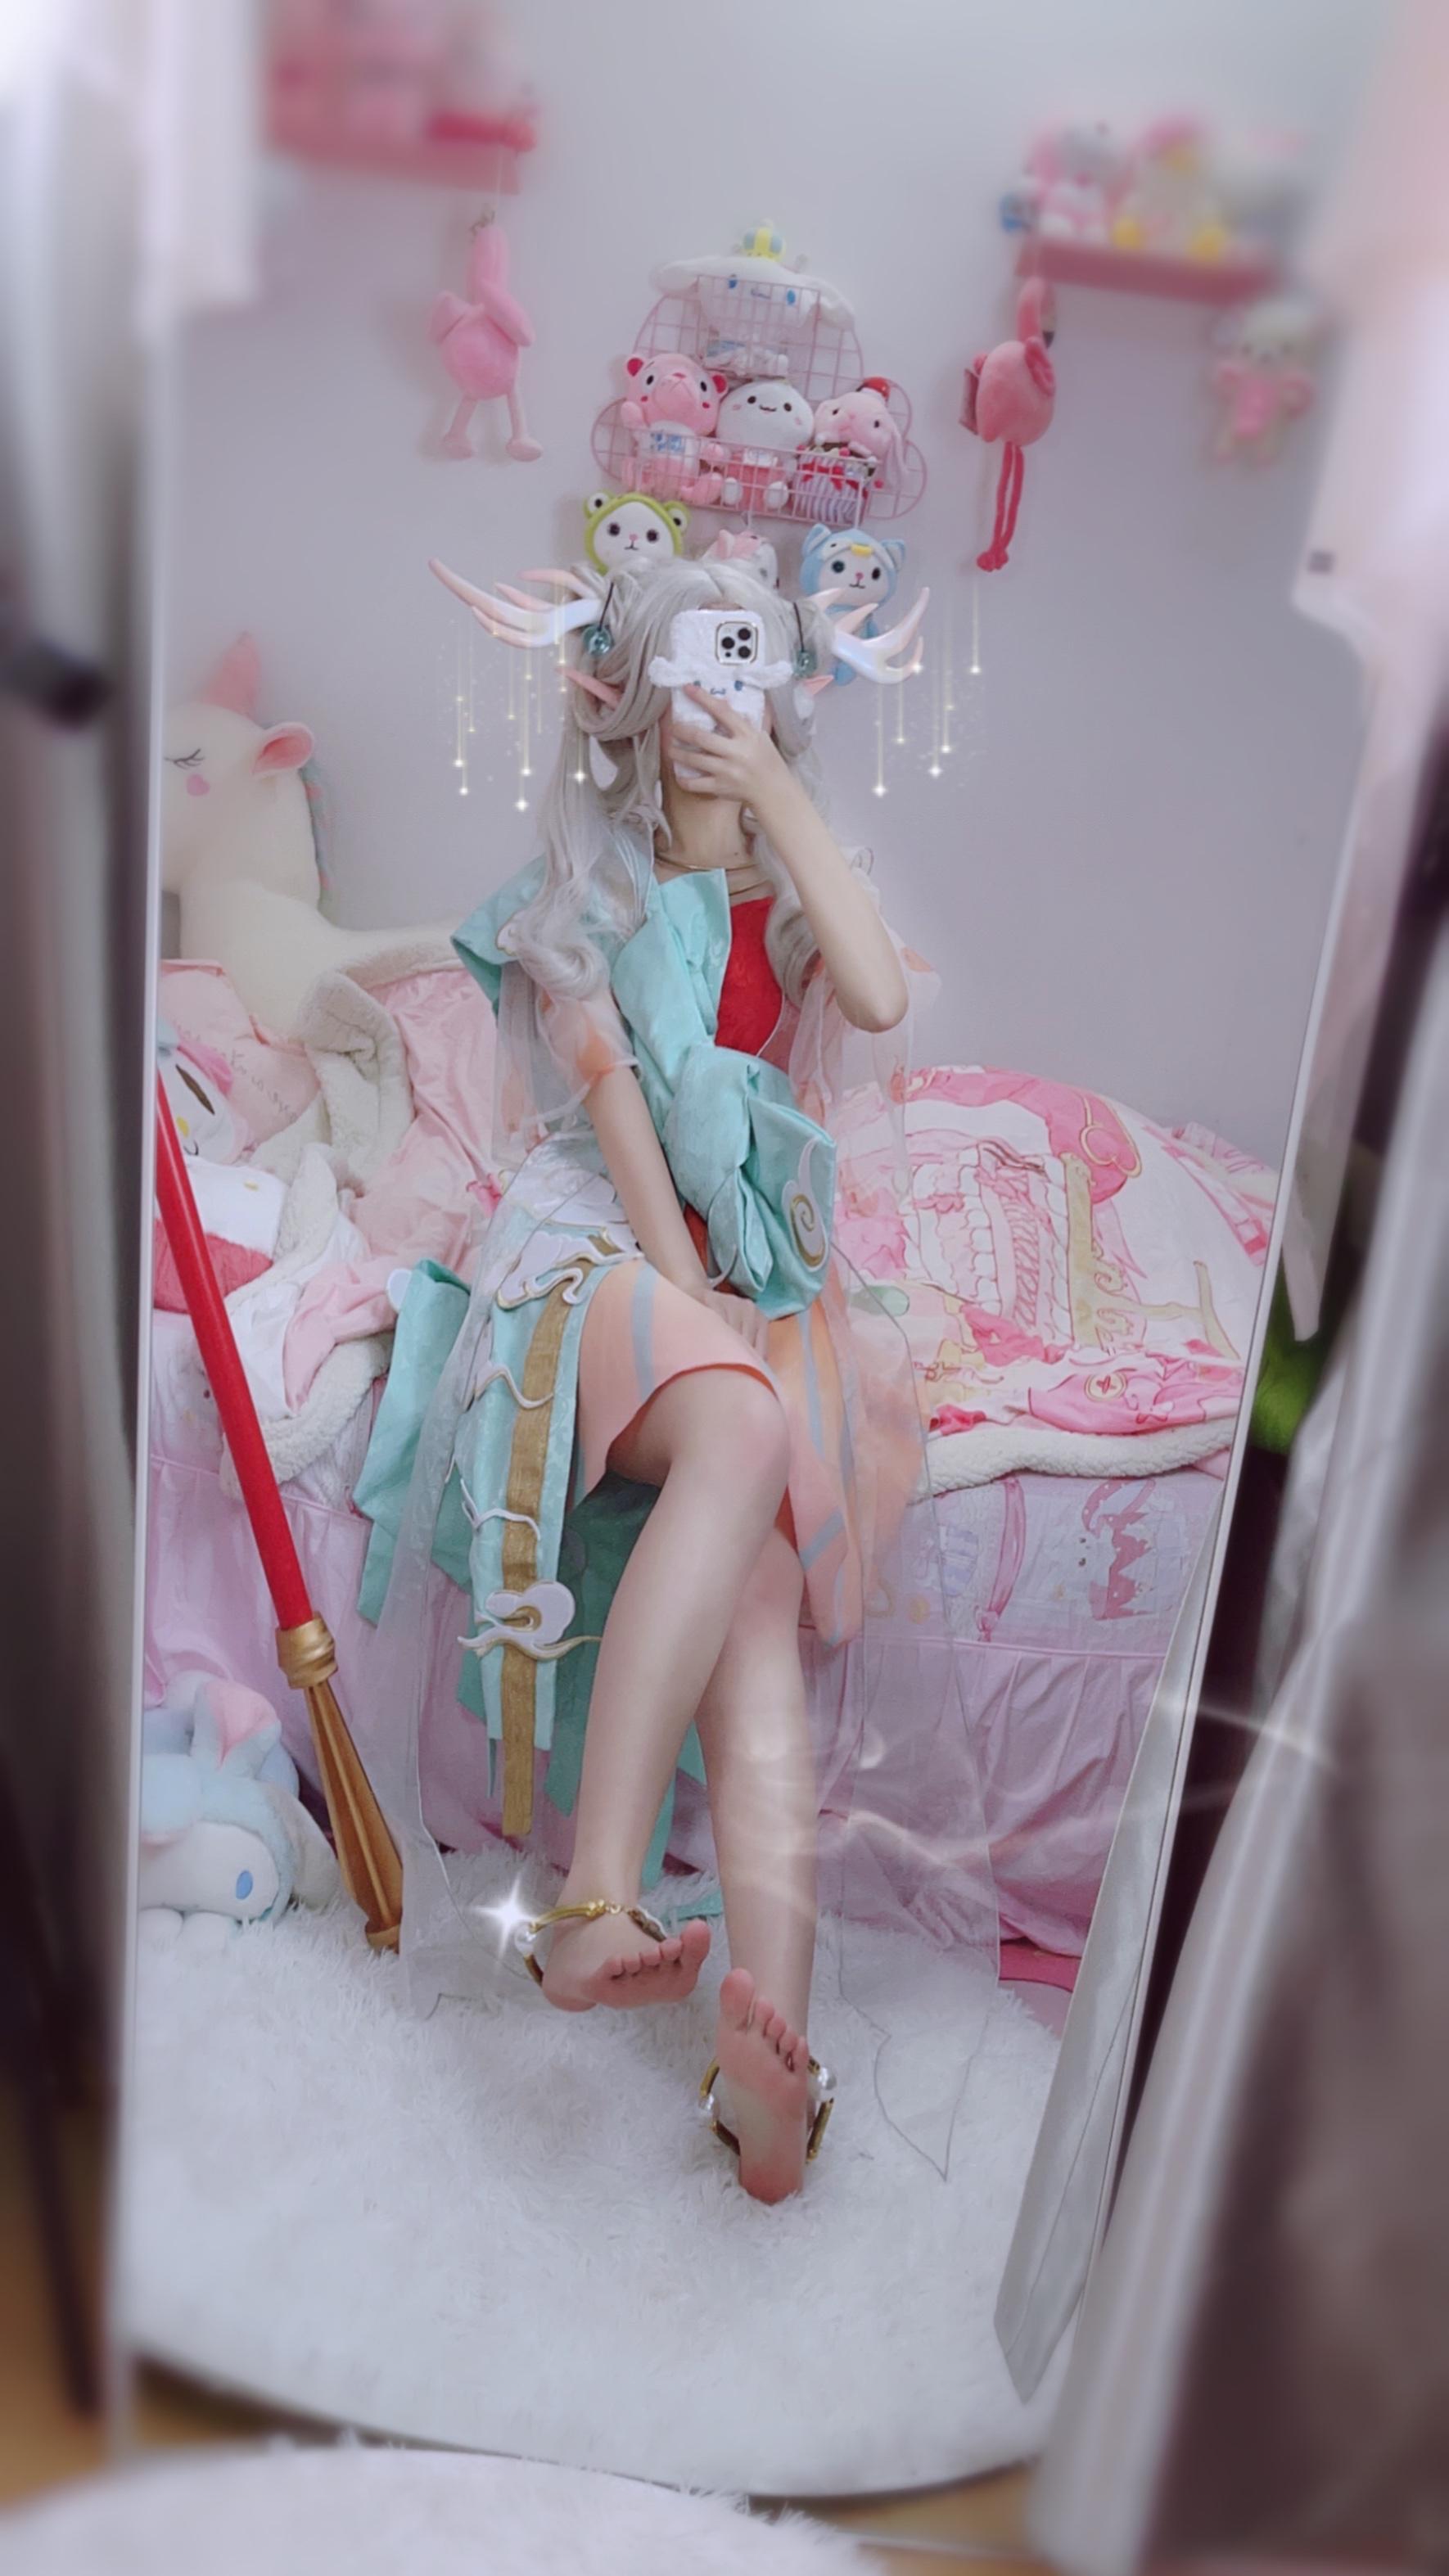 《王者荣耀》半次元cosplay【CN:美少女戰士】-第4张